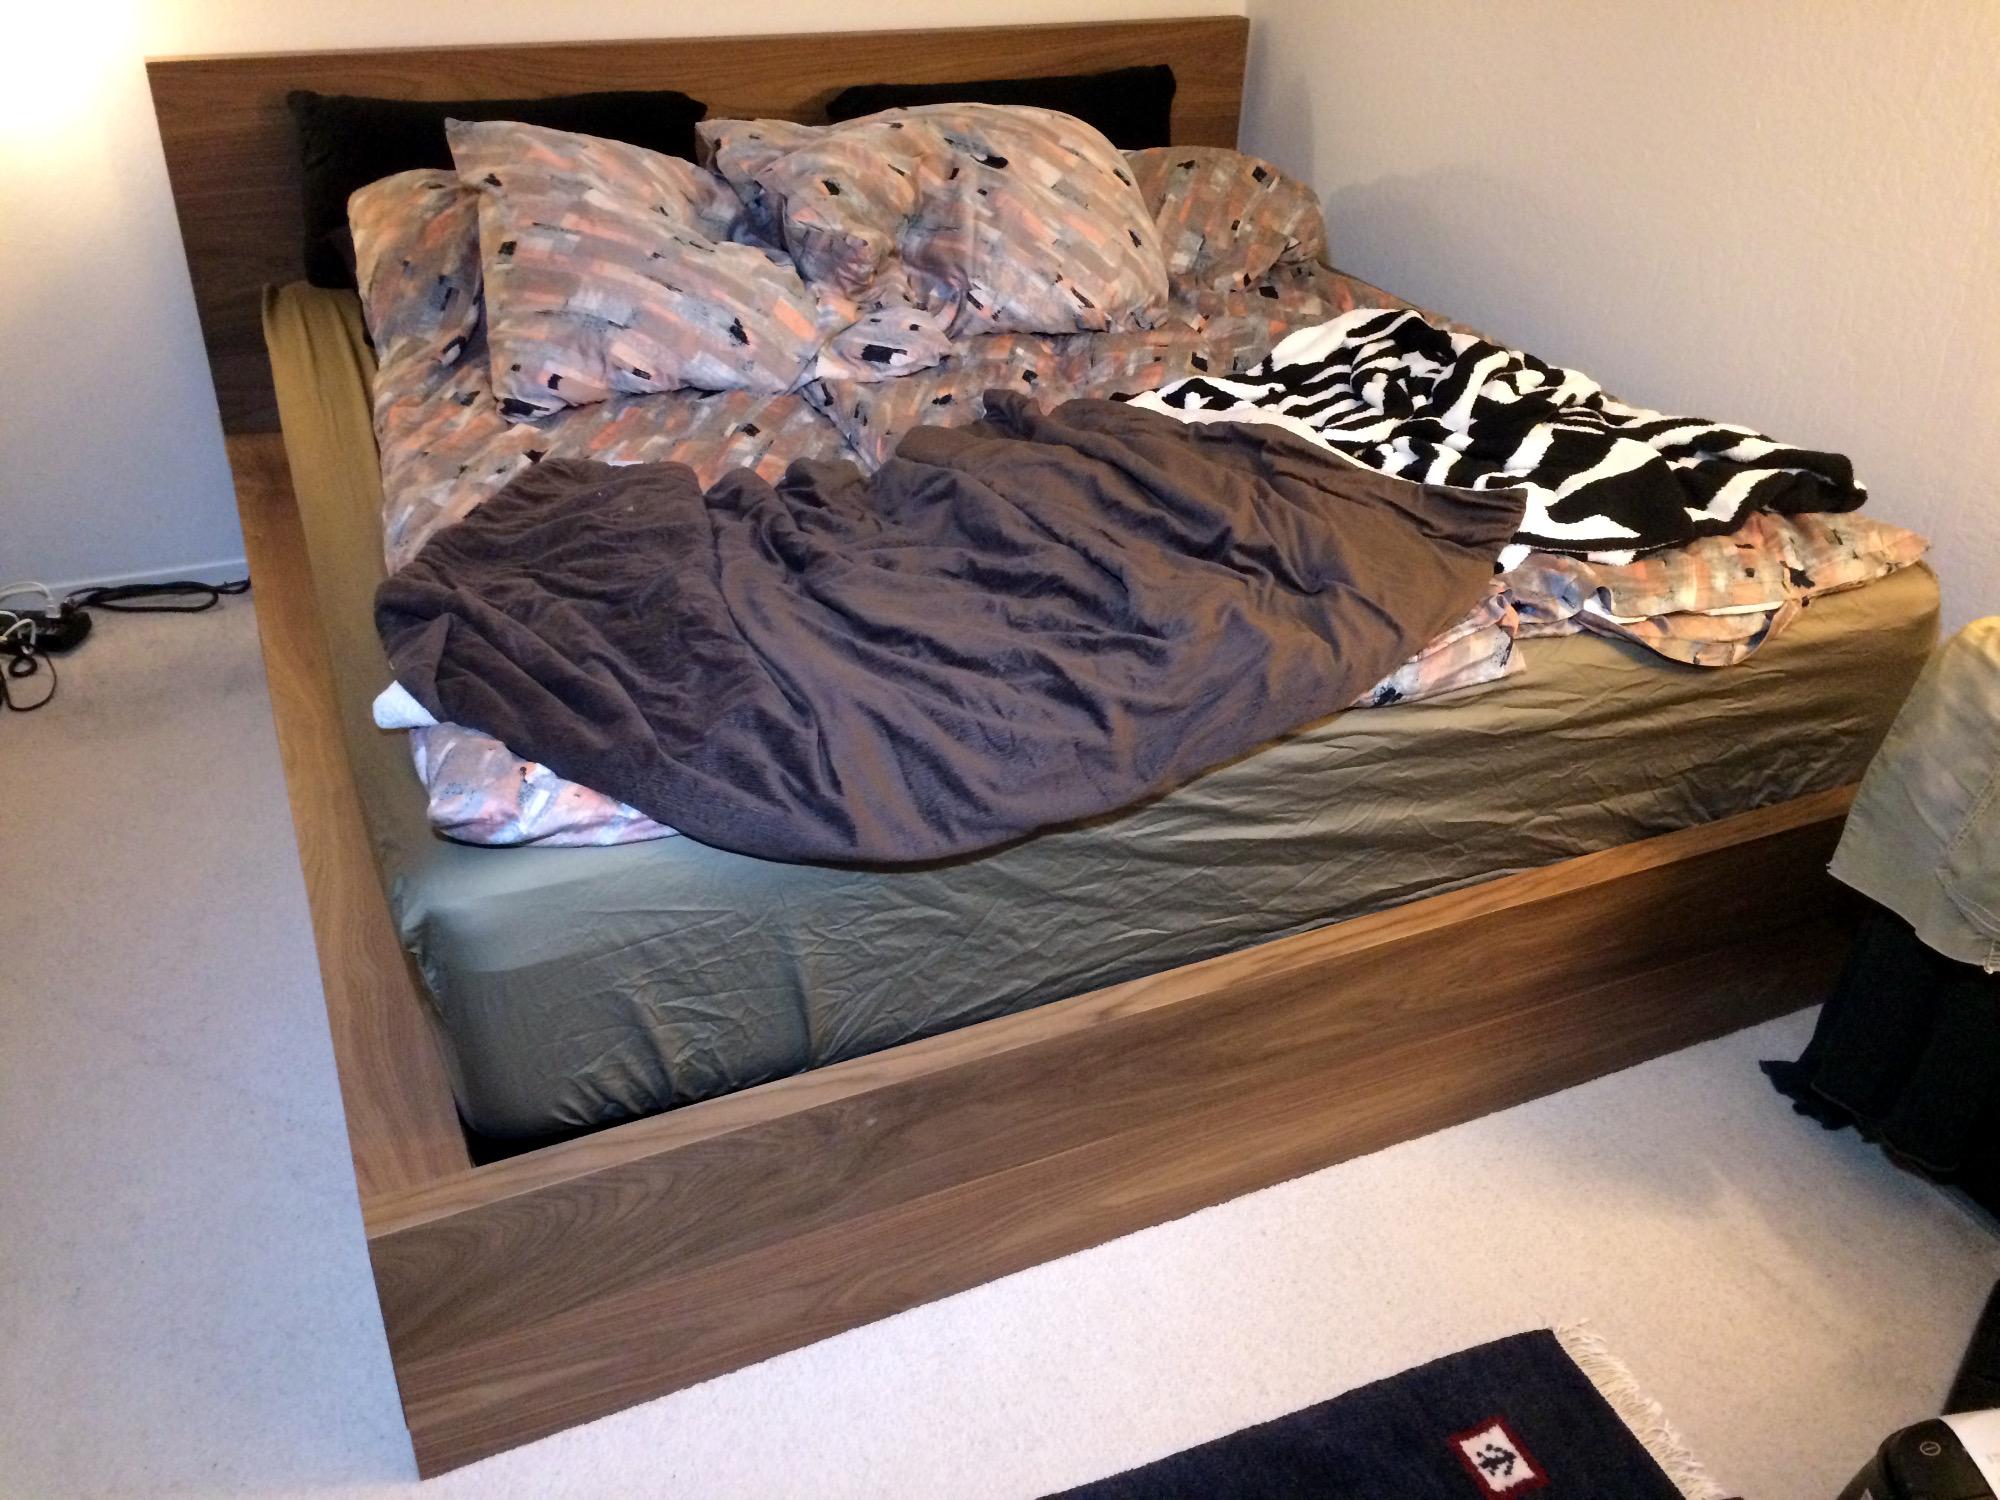 Full Size of Amerikanisches Bett Kissen Holz Selber Bauen Mit Vielen Beziehen Bettgestell Bettzeug Kaufen Amerikanische Betten Augen Auf Beim Bettenkauf Bettkasten 180x200 Bett Amerikanisches Bett